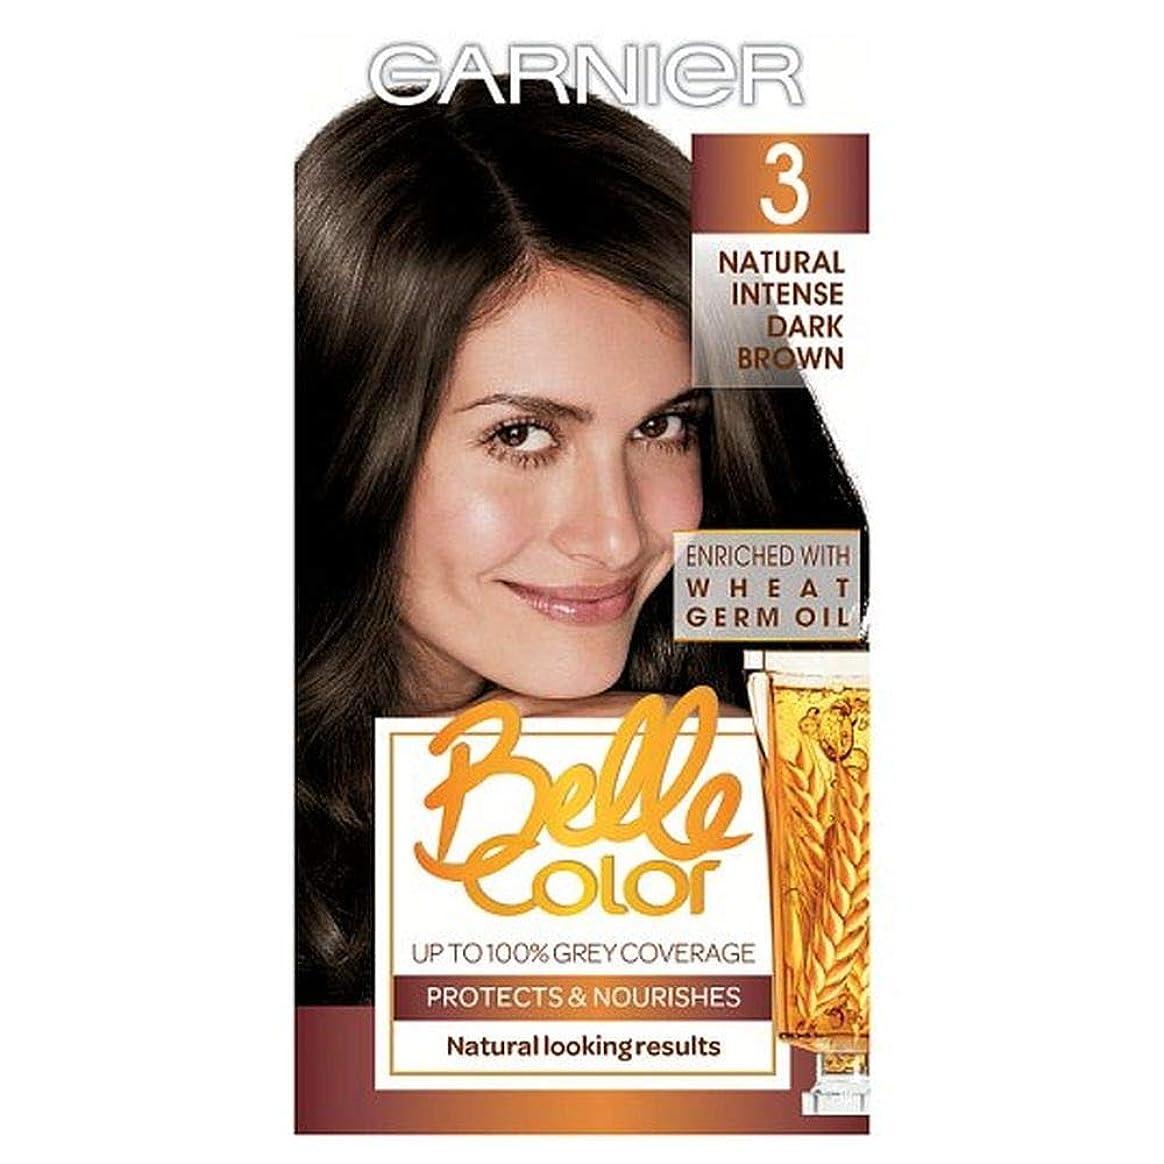 フィードオン素敵な長いです[Belle Color ] ガーン/ベル/Clr 3ダークブラウンパーマネントヘアダイ - Garn/Bel/Clr 3 Dark Brown Permanent Hair Dye [並行輸入品]